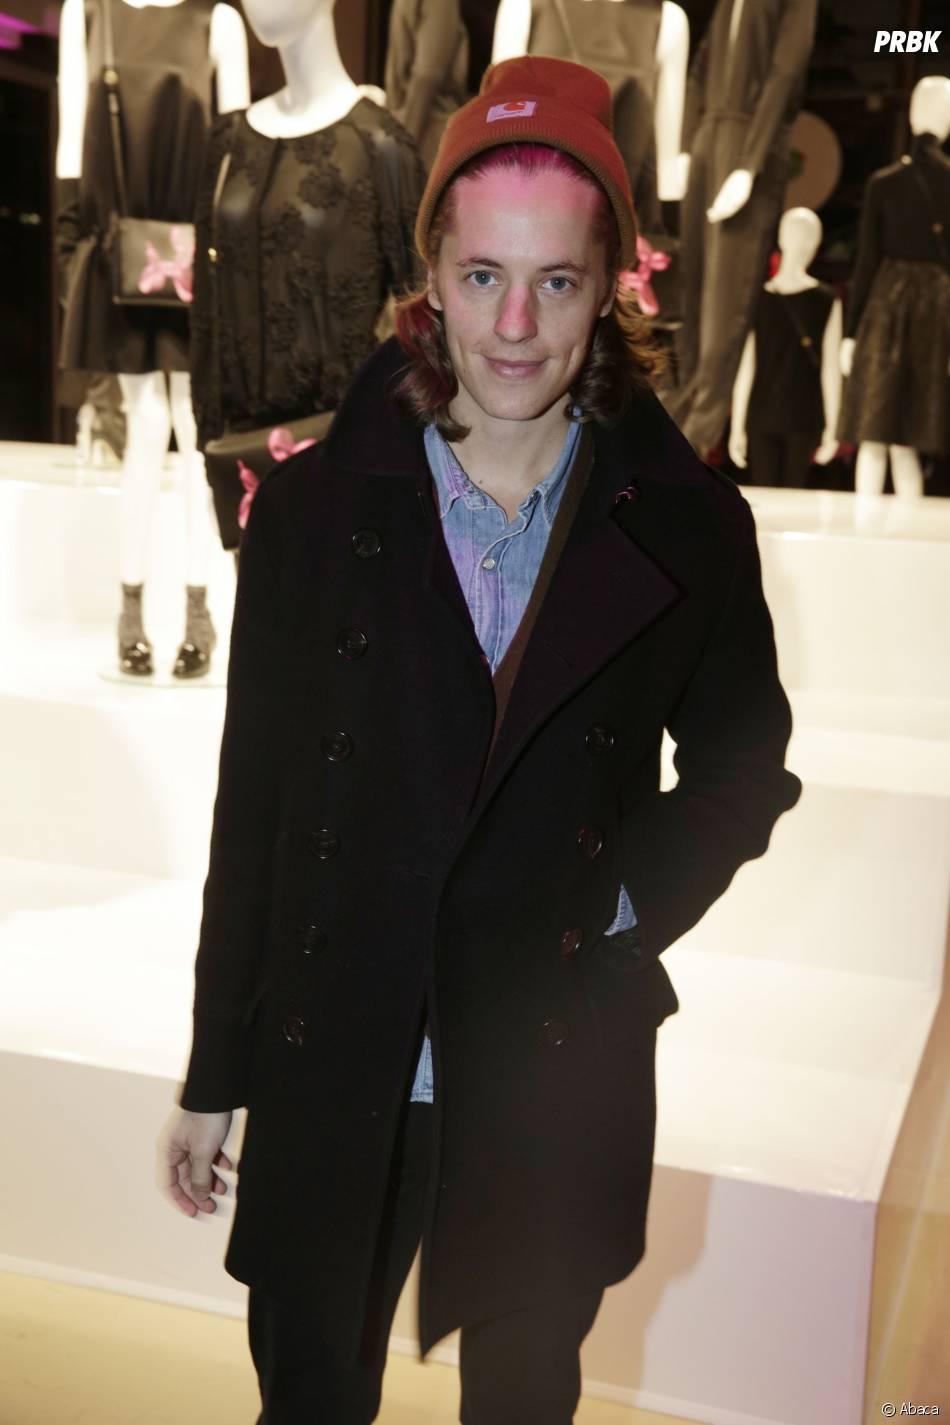 Pierre Sarkozy à la soirée Jeff Koons pour H&M, le 9 décembre 2014 au Centre Pompidou